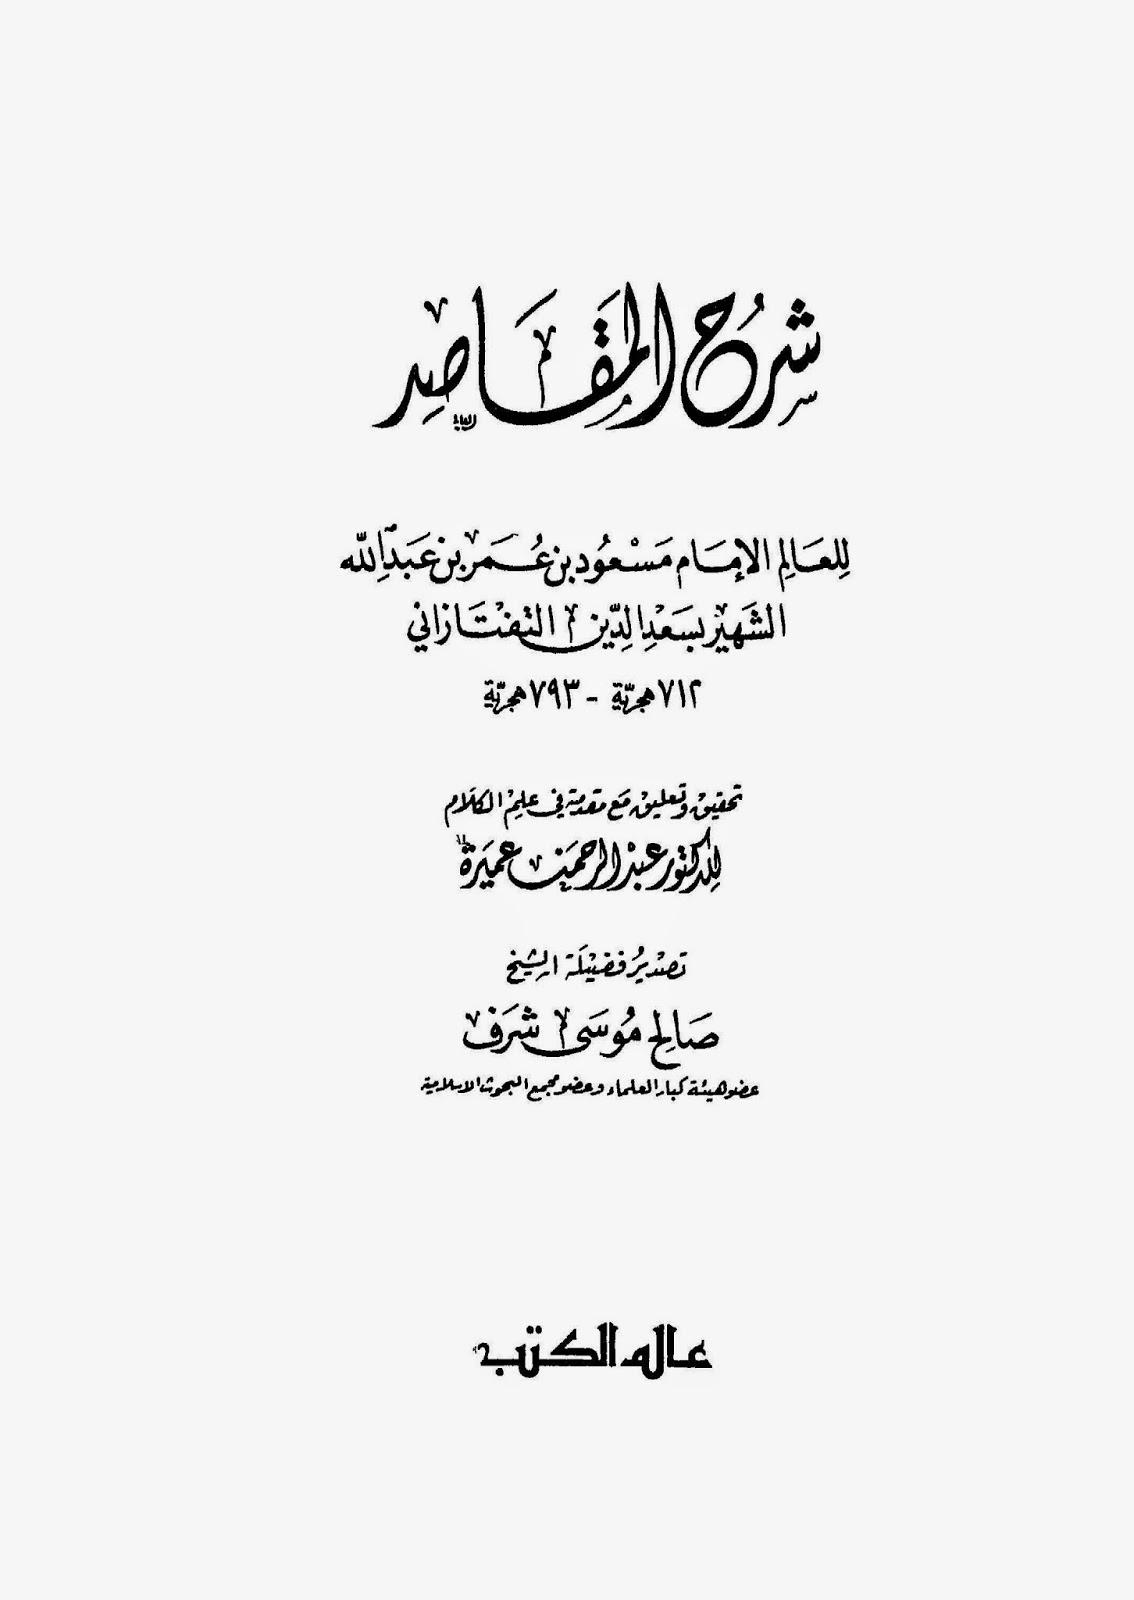 كتاب شرح المقاصد لـ سعد التفتازاني